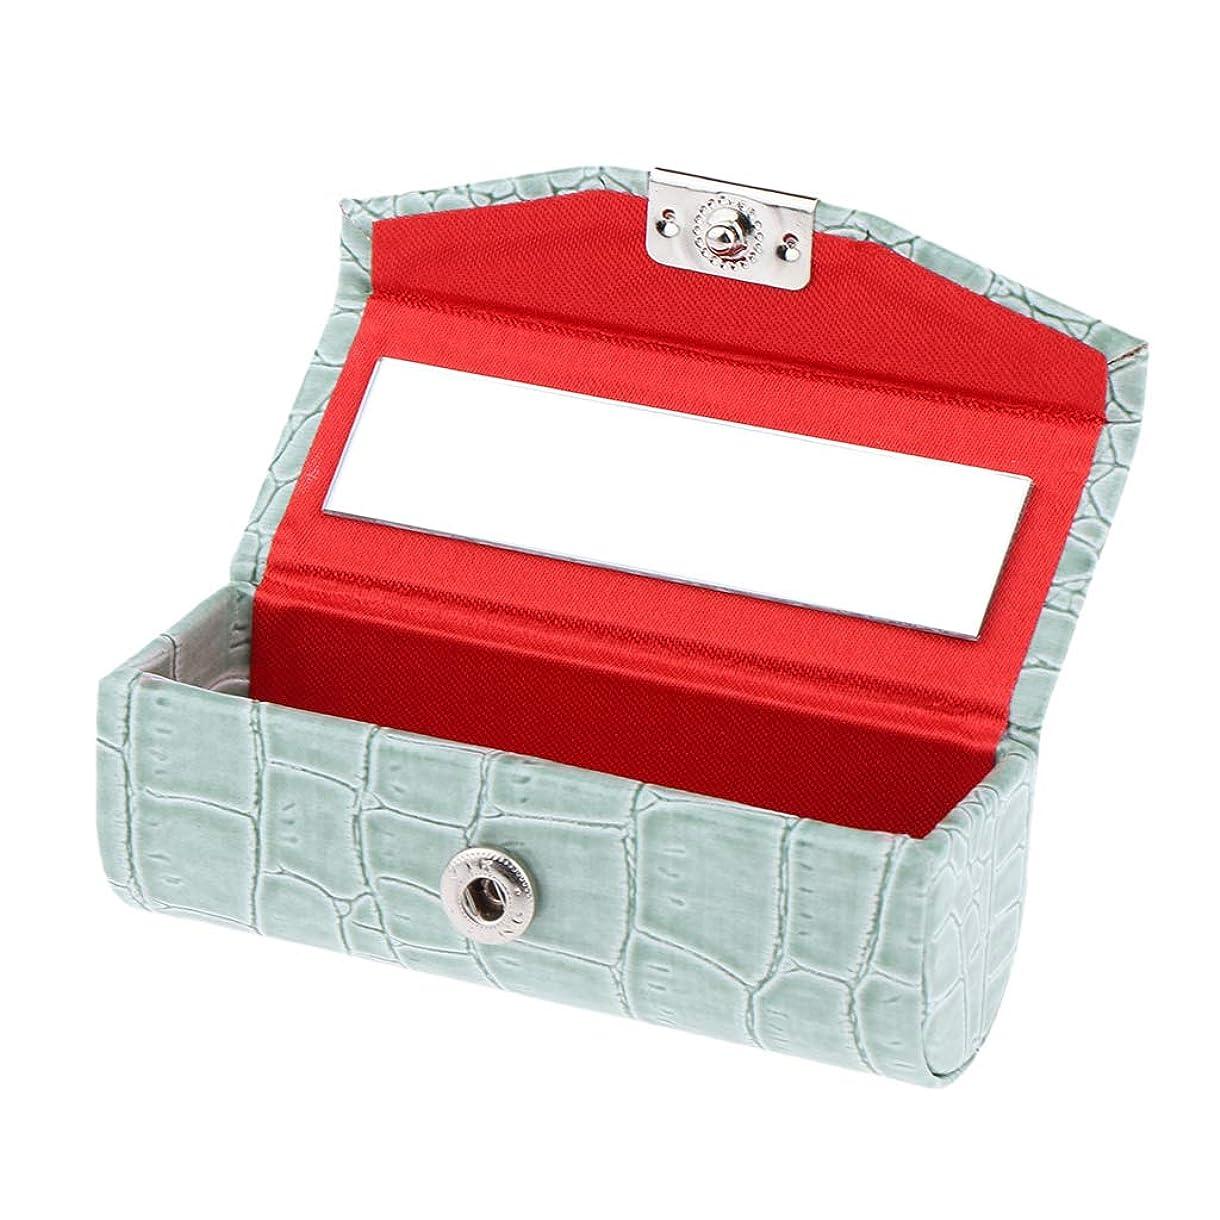 作るバケツ祭司B Baosity 口紅ケース コインケース ミラー付き リップグロス ジュエリー 収納ボックス 多色選べ - グレイシャーグリーン